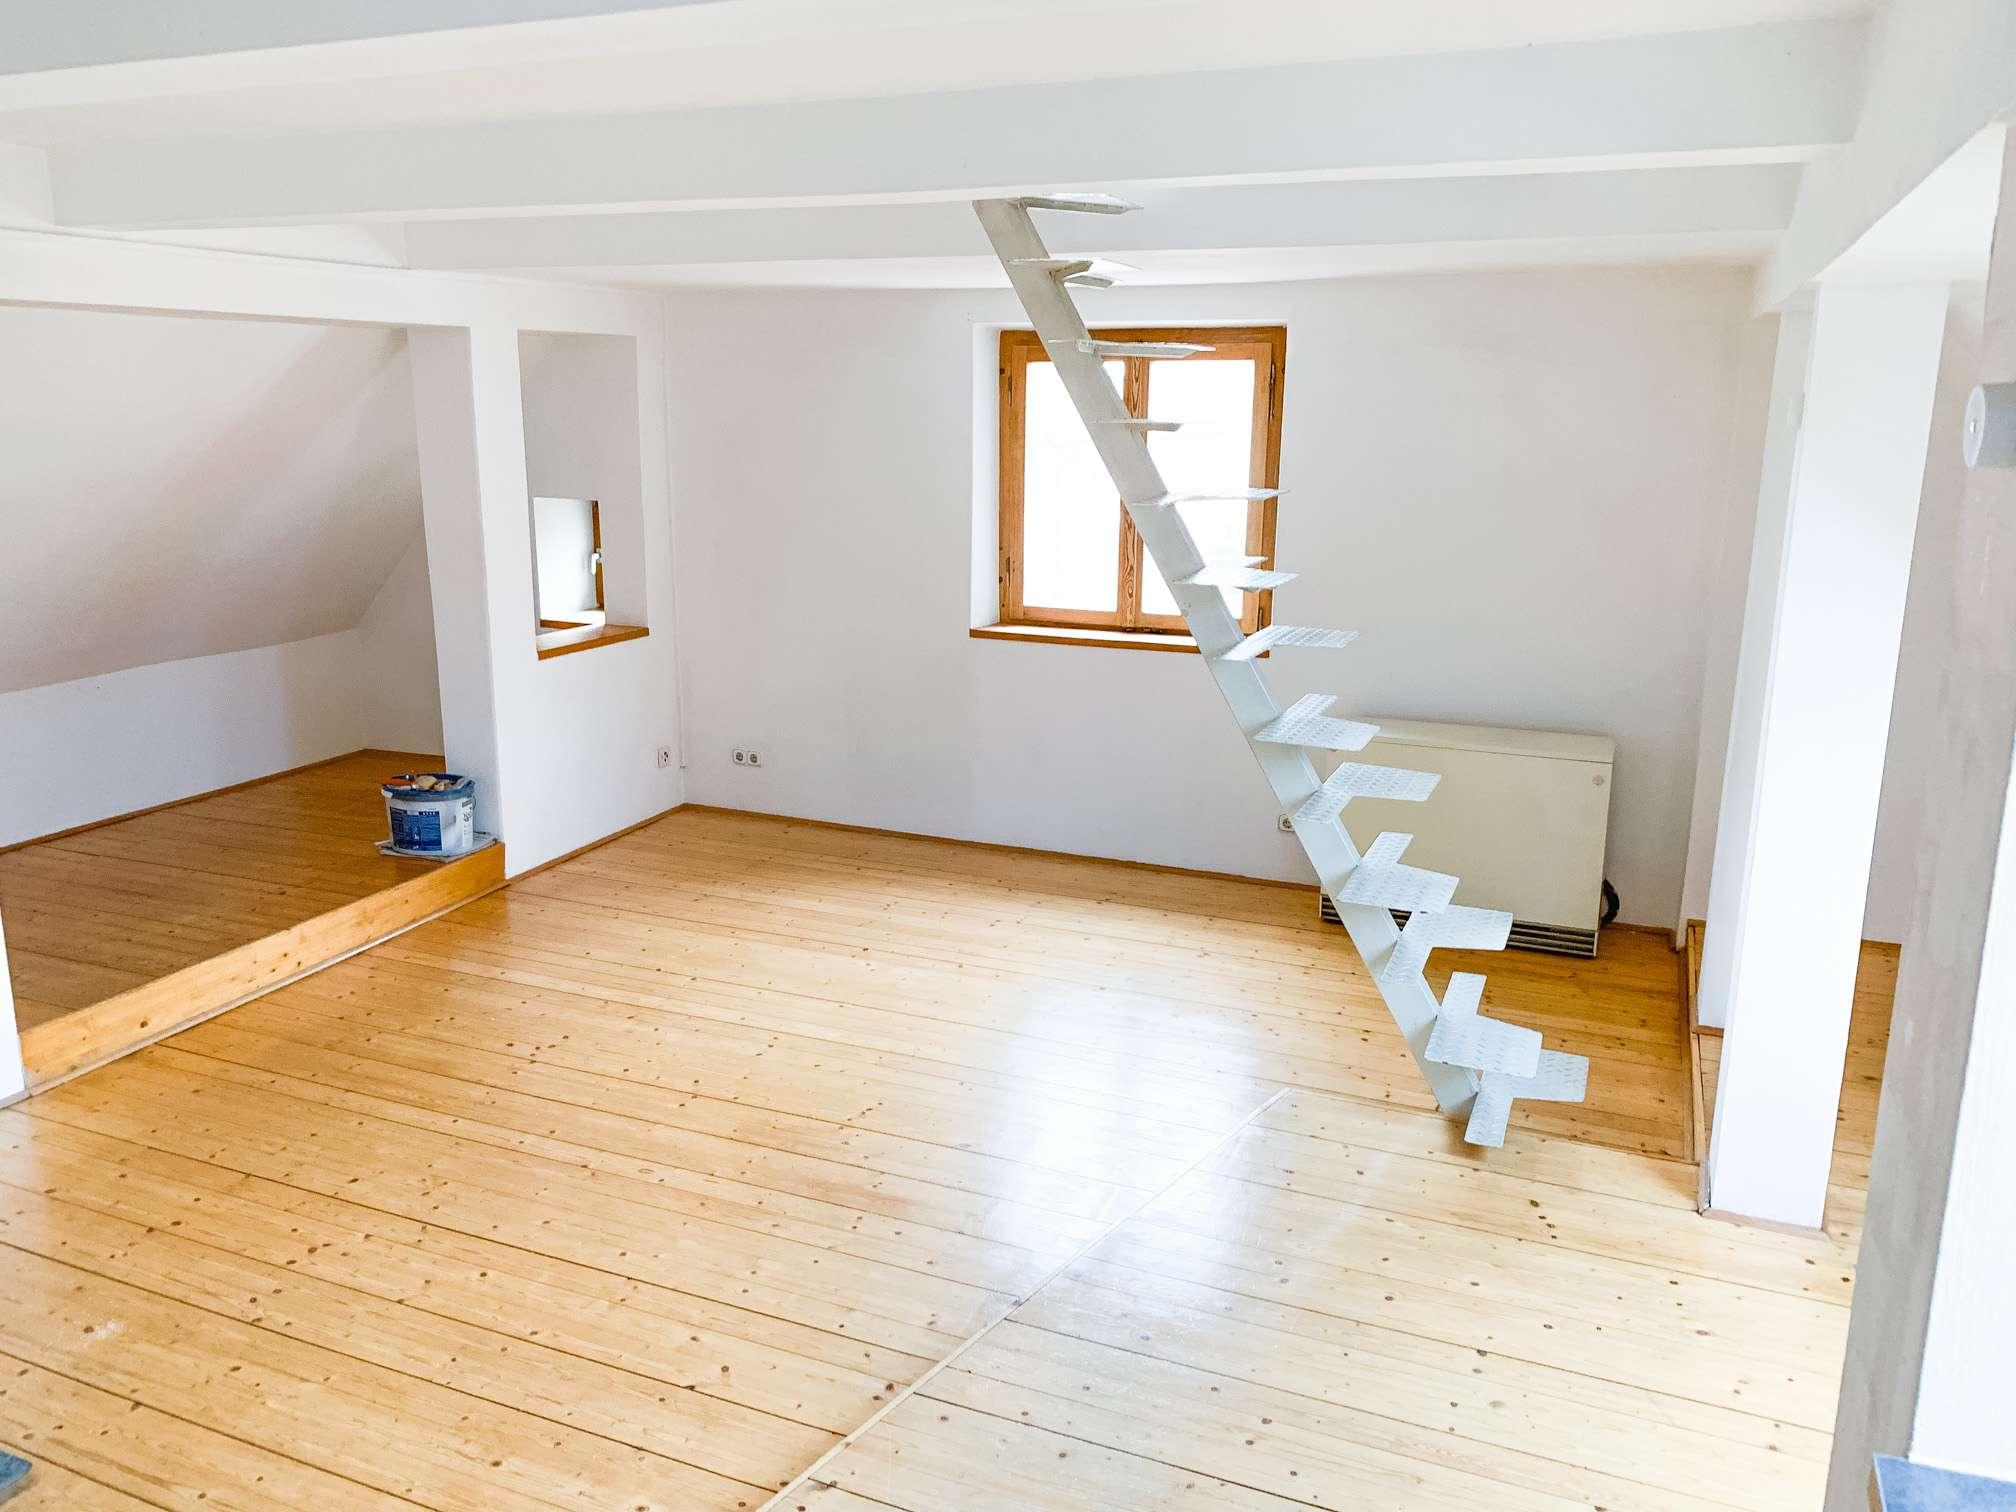 Charmante, idyllisch-gelegene Wohnung mit Einbauküche auf 2 Ebenen in Reinhausen (Regensburg)